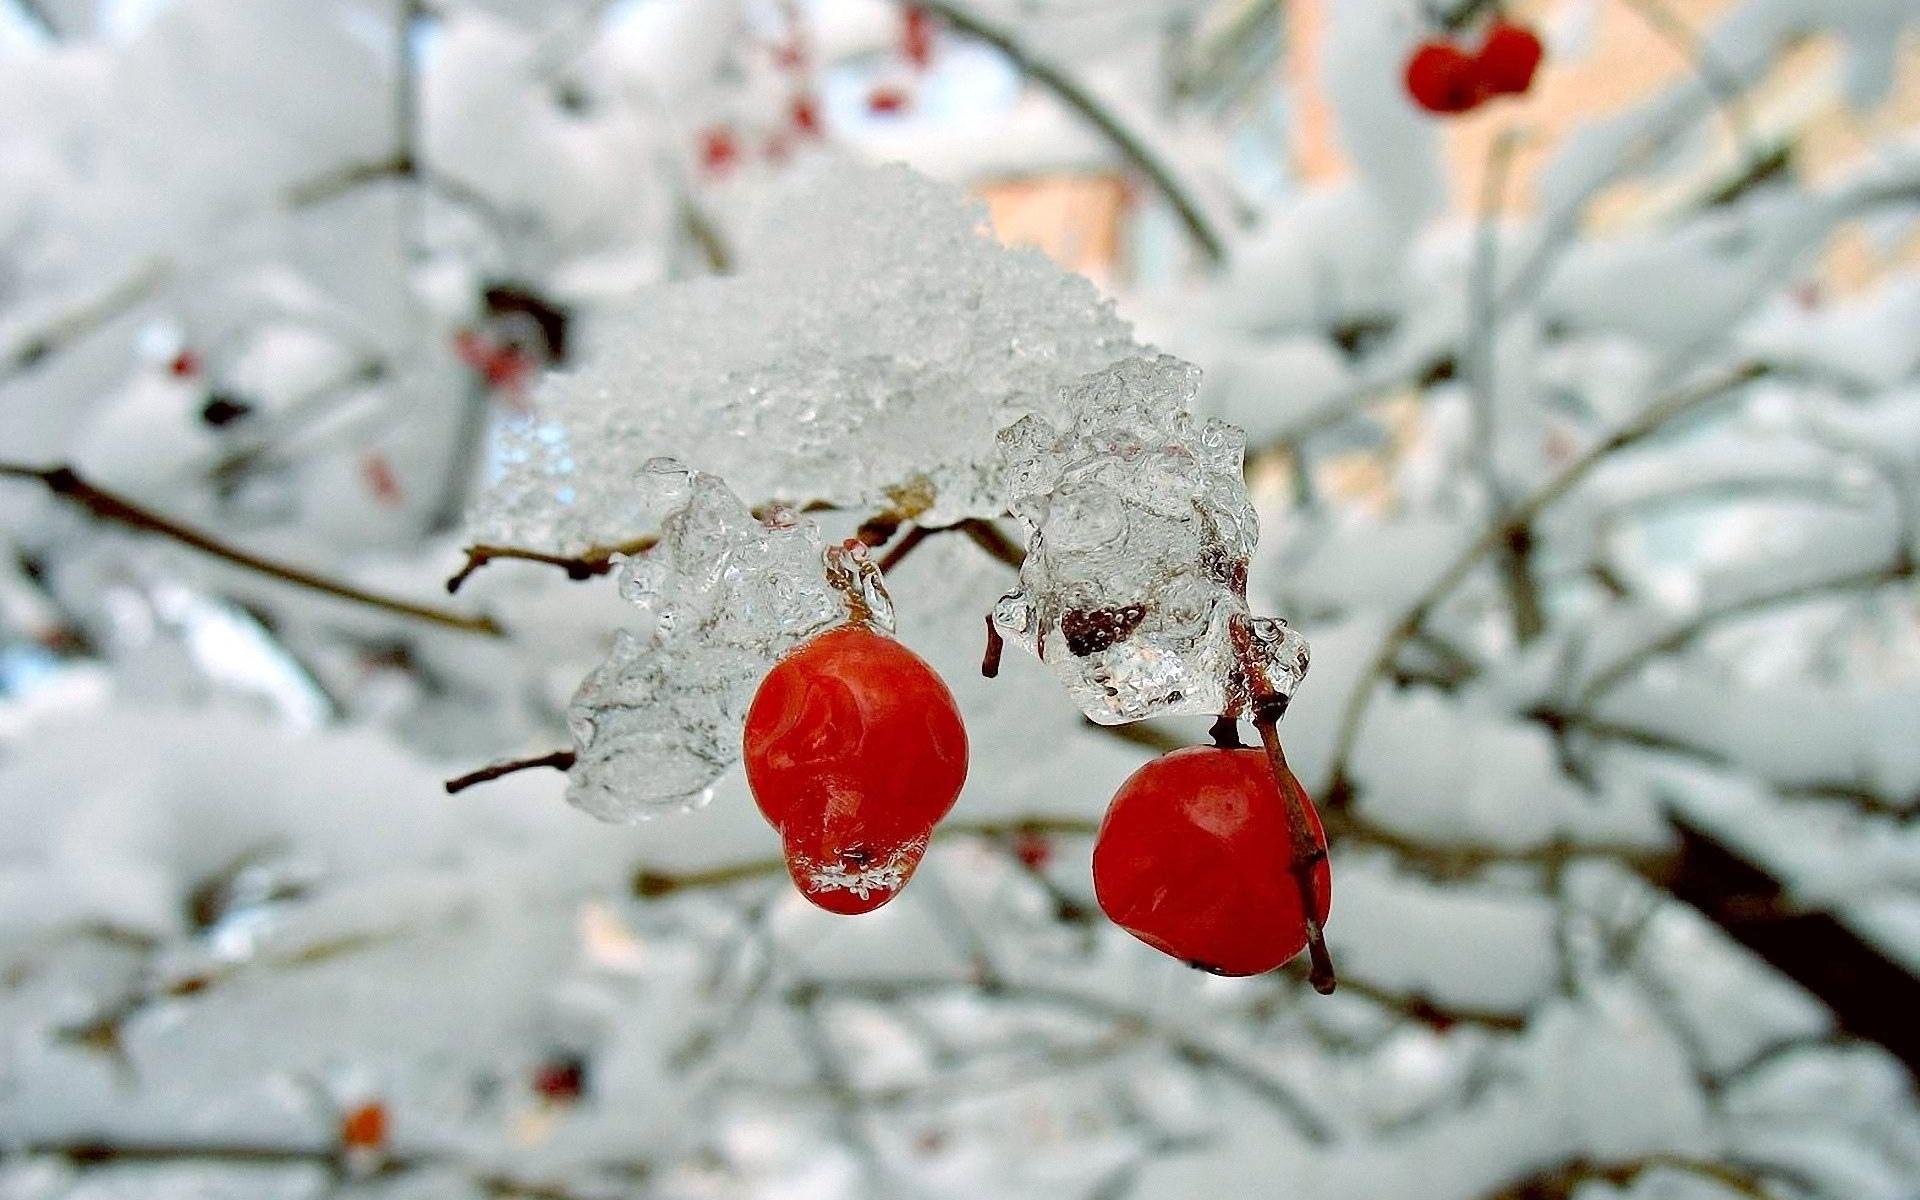 Заледеневшие ягоды  № 777708 бесплатно